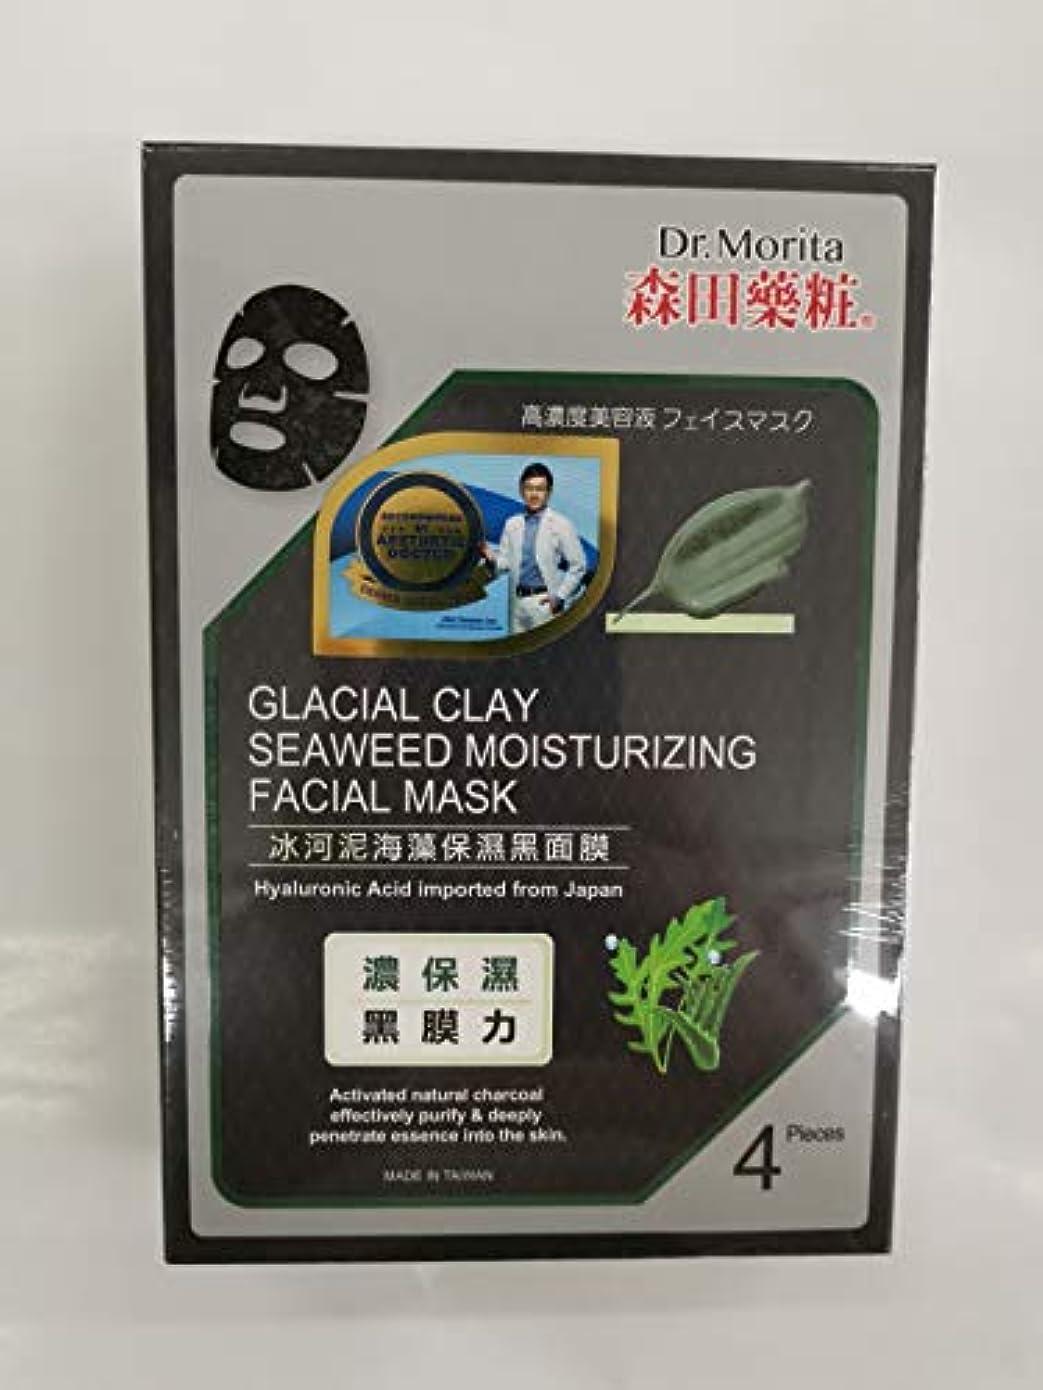 活力まとめる偏心Doctor Morita 氷のような粘土の海藻保湿フェイシャルマスク4 - 肌に深く入り、効果的に浄化し、肌に潤いを与え、弾力を保ちます